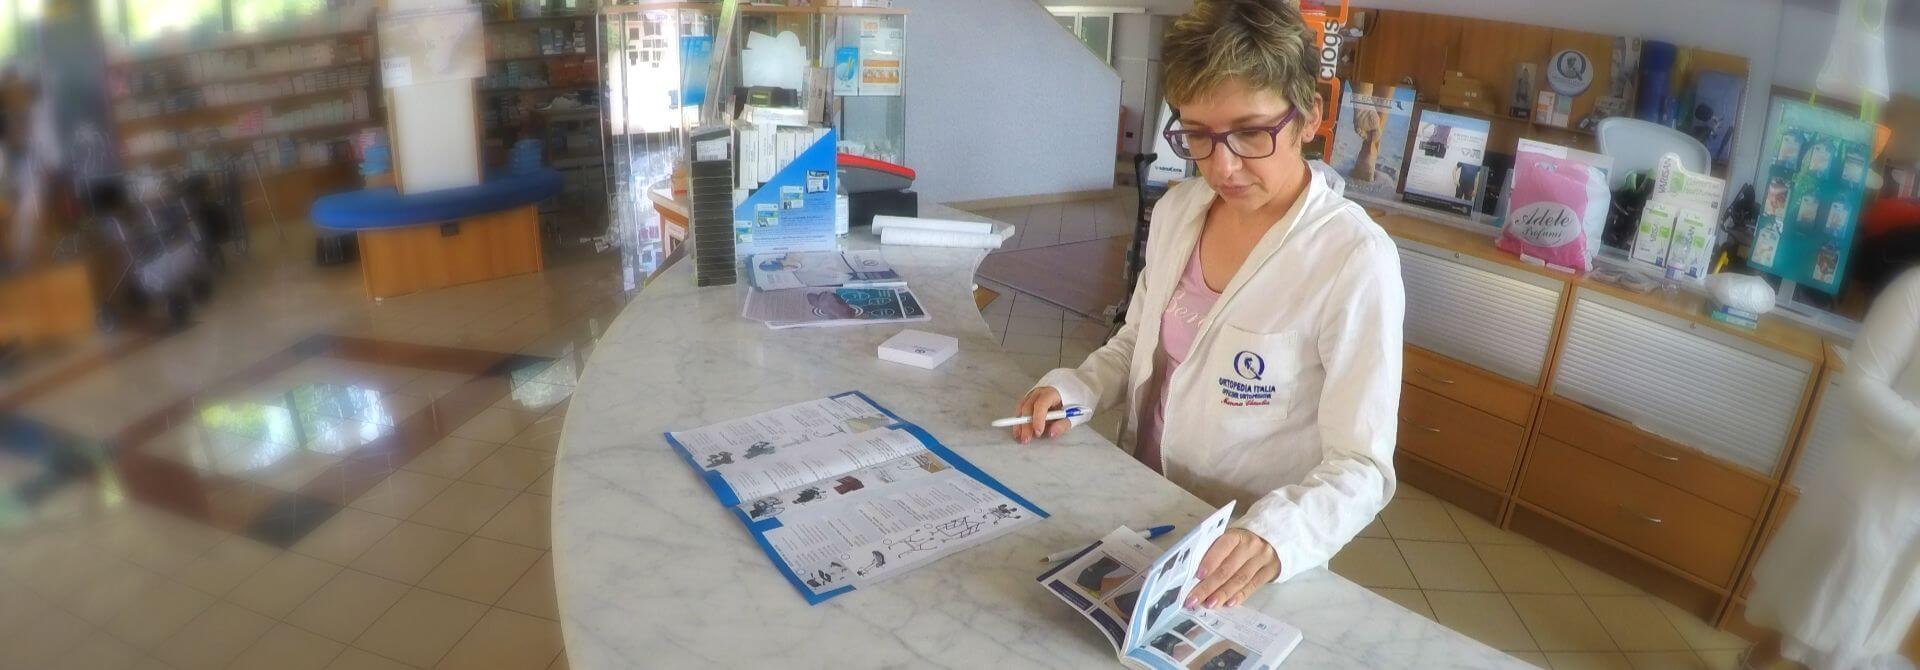 Donna alla reception - Officine-Ortopediche